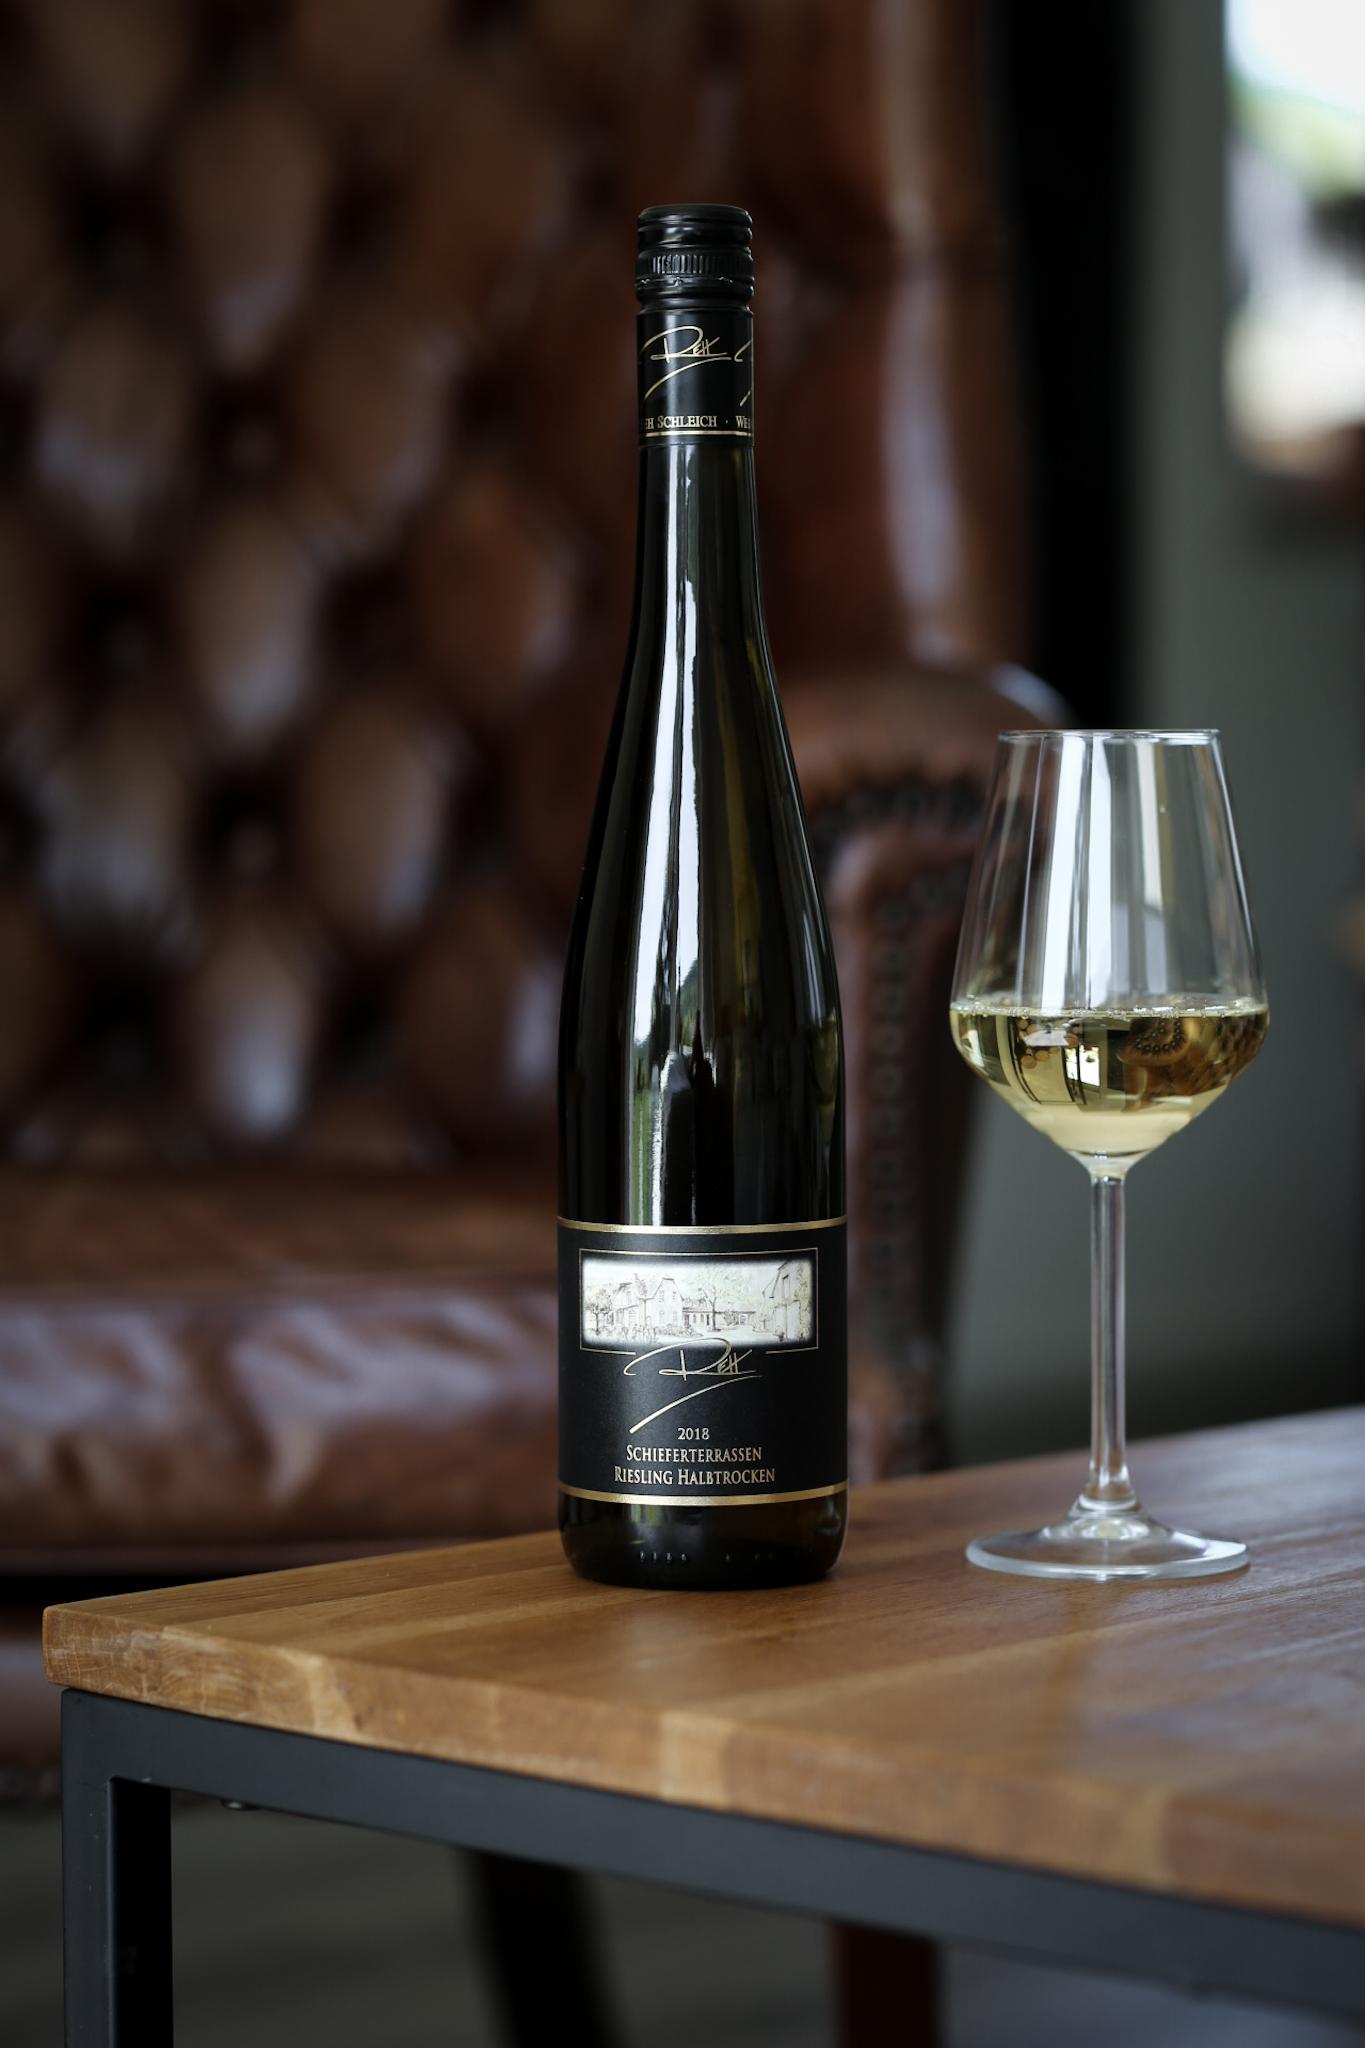 Wein aus dem Herzen der Mosel - Weingut Reh aus Schleich Mosel Riesling Test Blogger Blog Instagram Wein